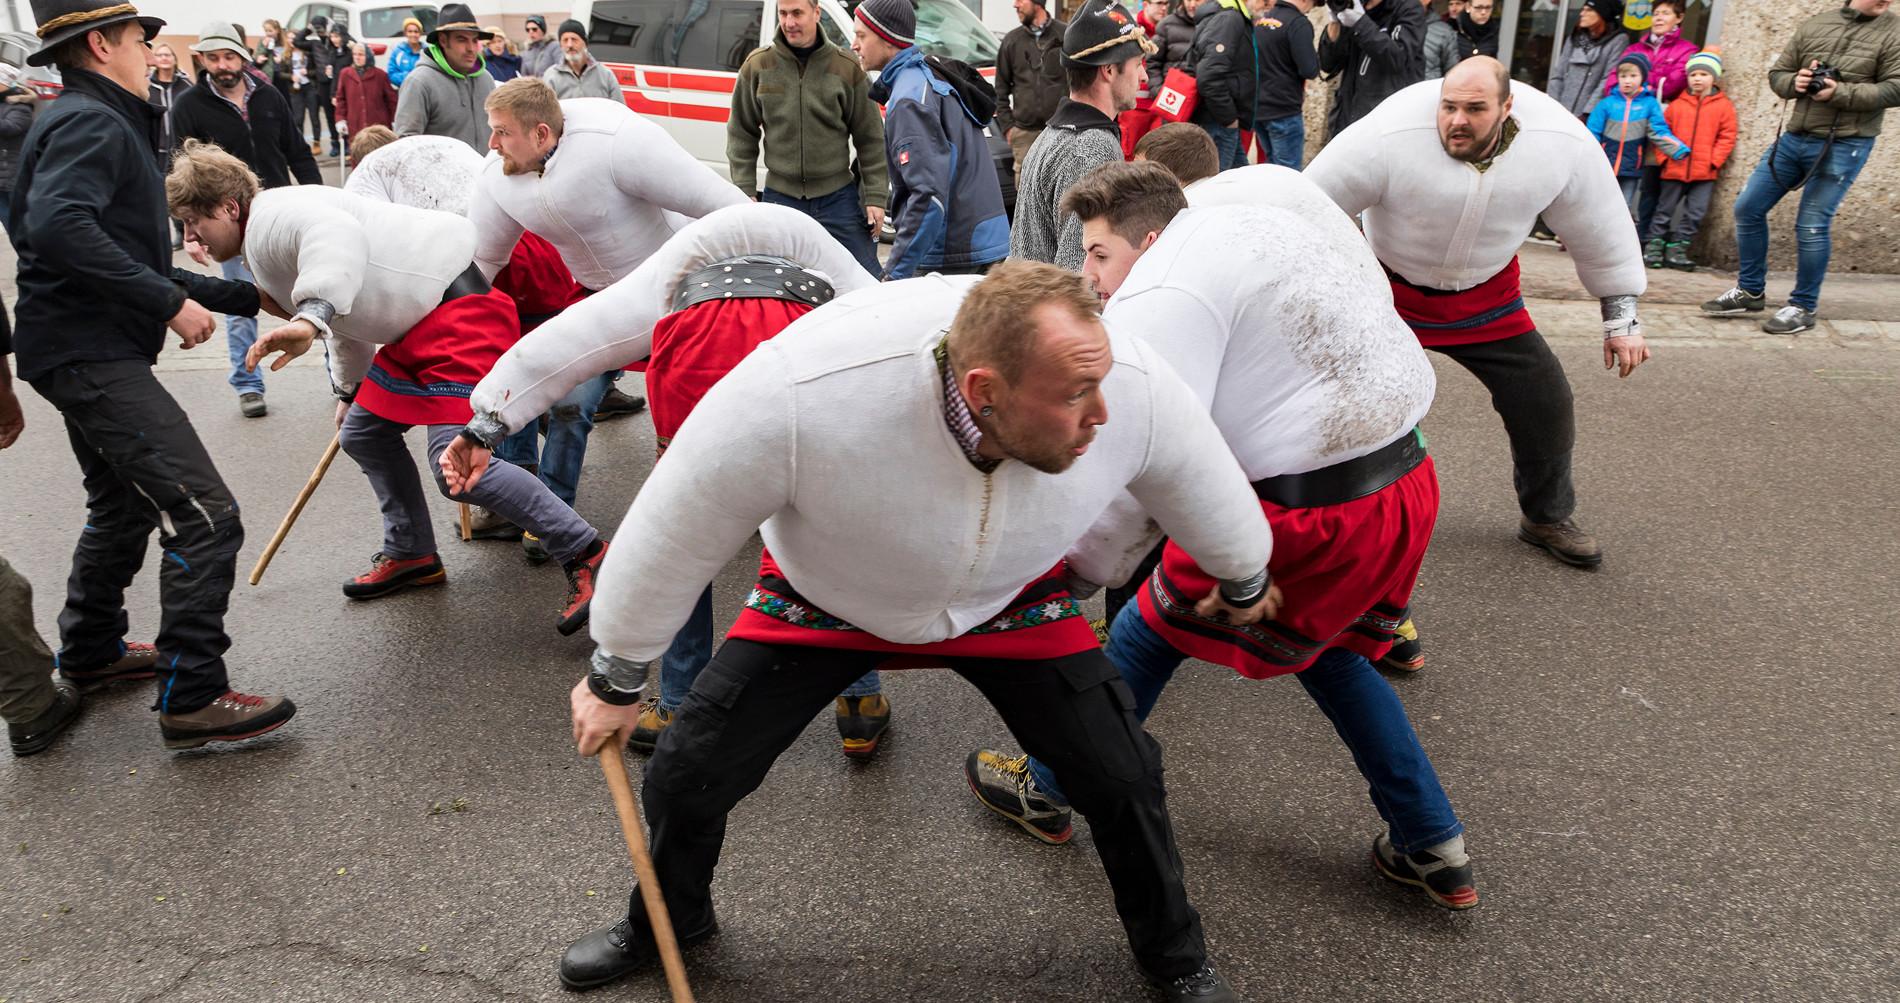 <p>Achtsame Wampeler:Geduckt und tänzelnd bewegen sich die Wampeler fort. Dabei müssen sie immer die Reiter im Blick haben. Was gar nicht so einfach ist, denn diese sind nicht verkleidet, sondern tragen normale Straßenkleidung.</p>